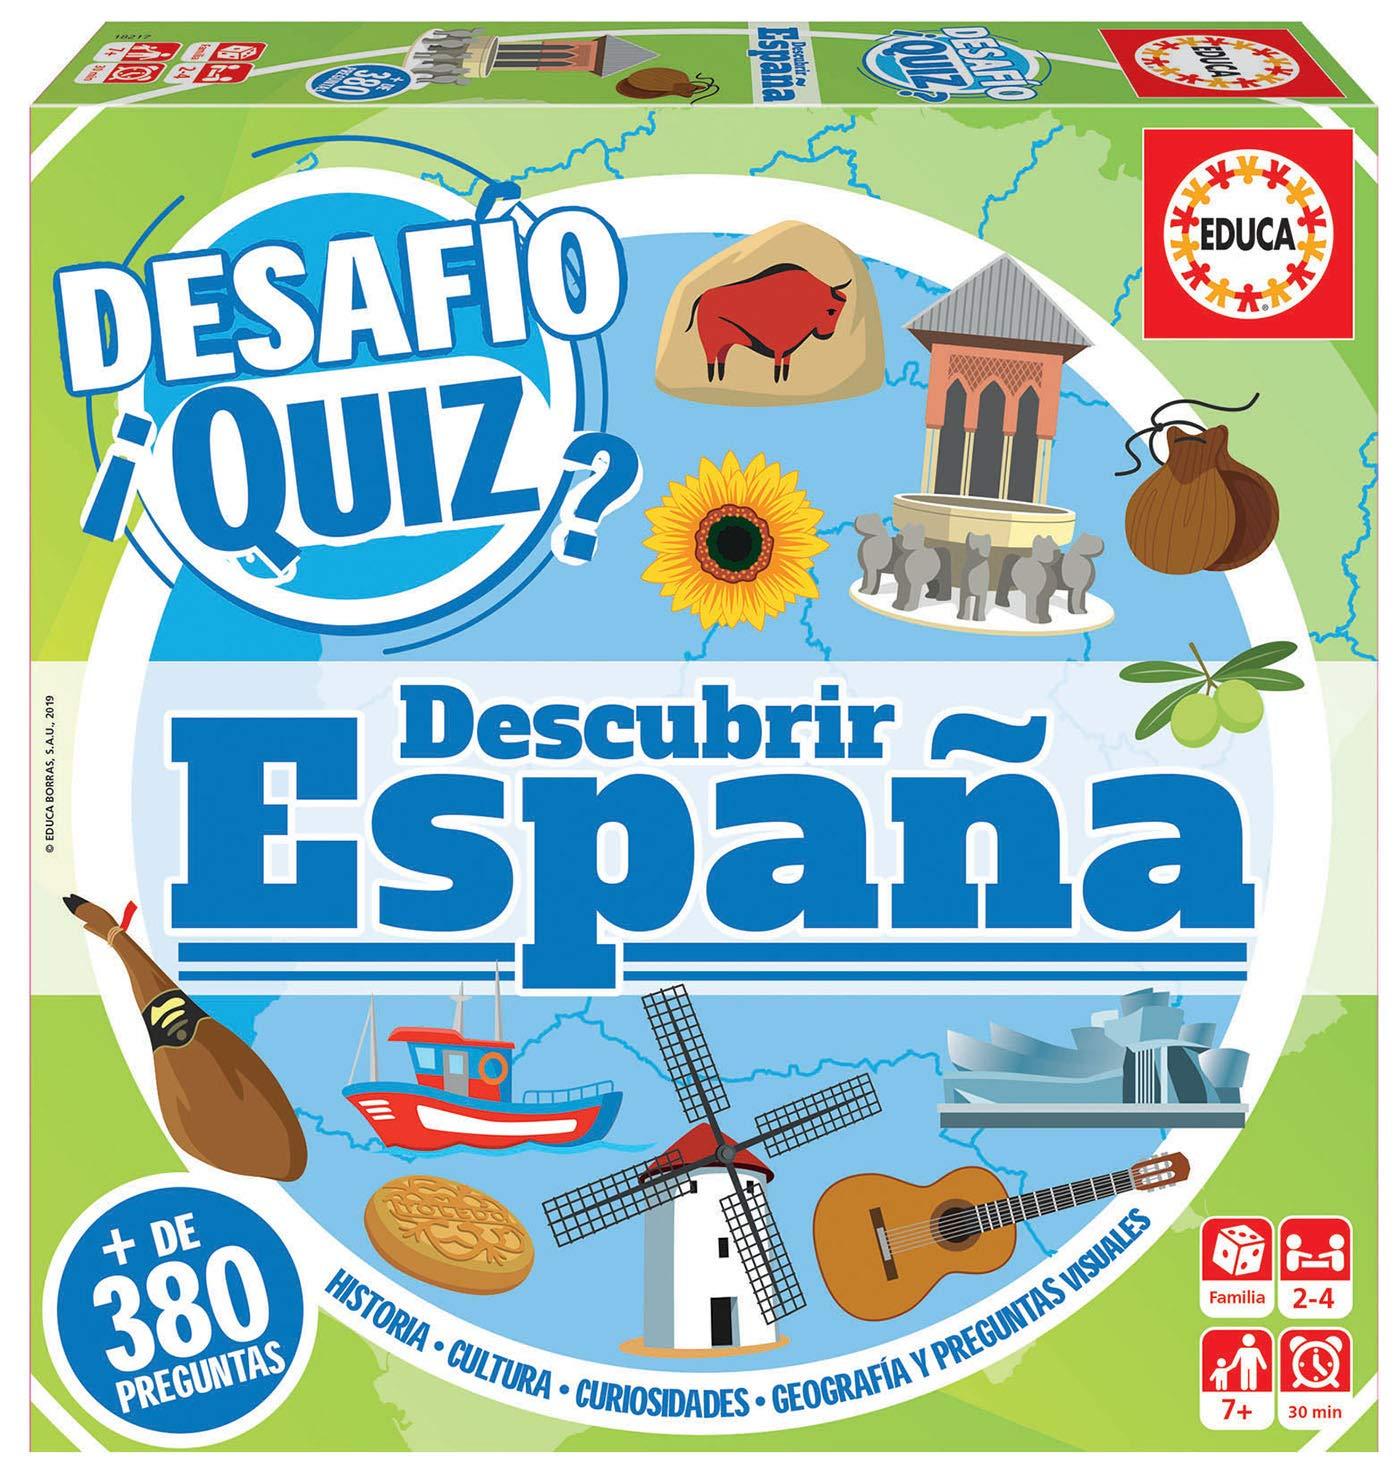 DESAFIO QUIZ- DESUBRIR ESPAÑA 18217